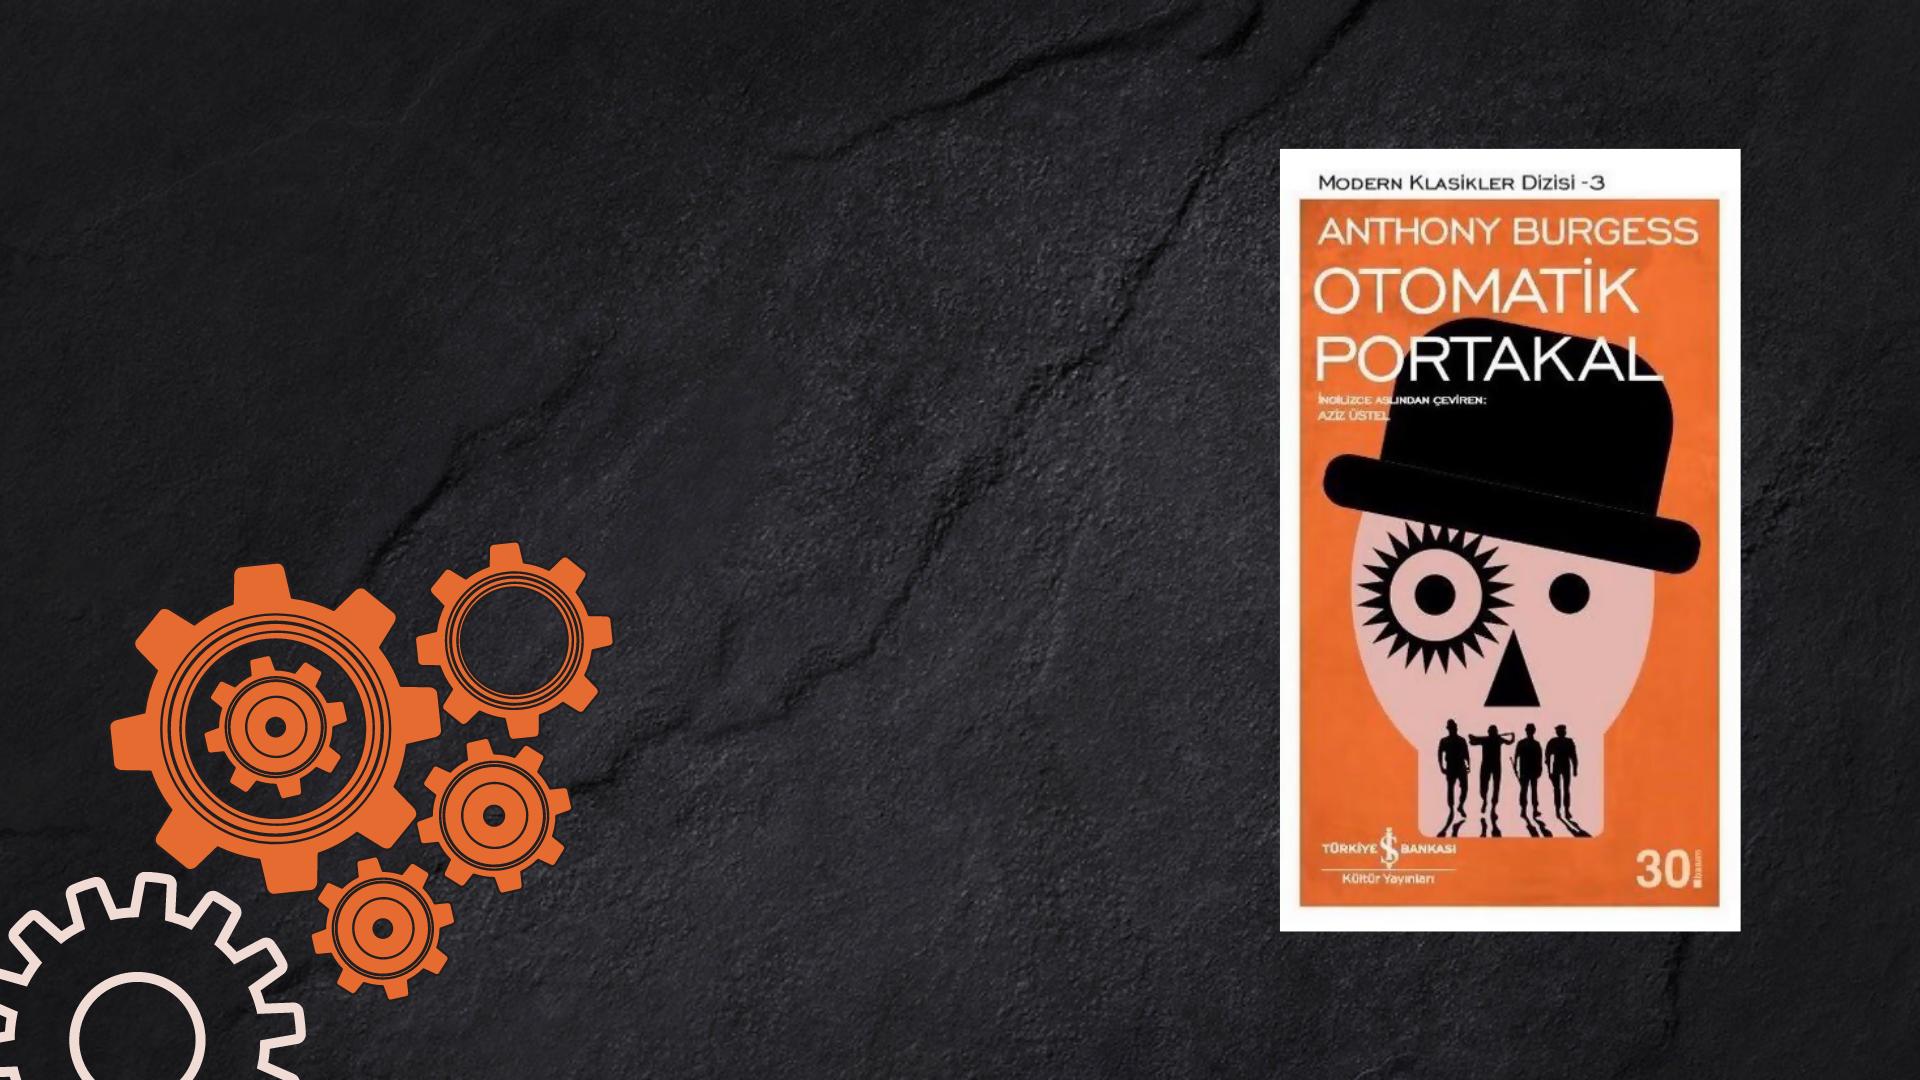 Kitap: Otomatik Portakal | Yazar: Anthony Burgess | Yorumlayan: Kübra Mısırlı Keskin